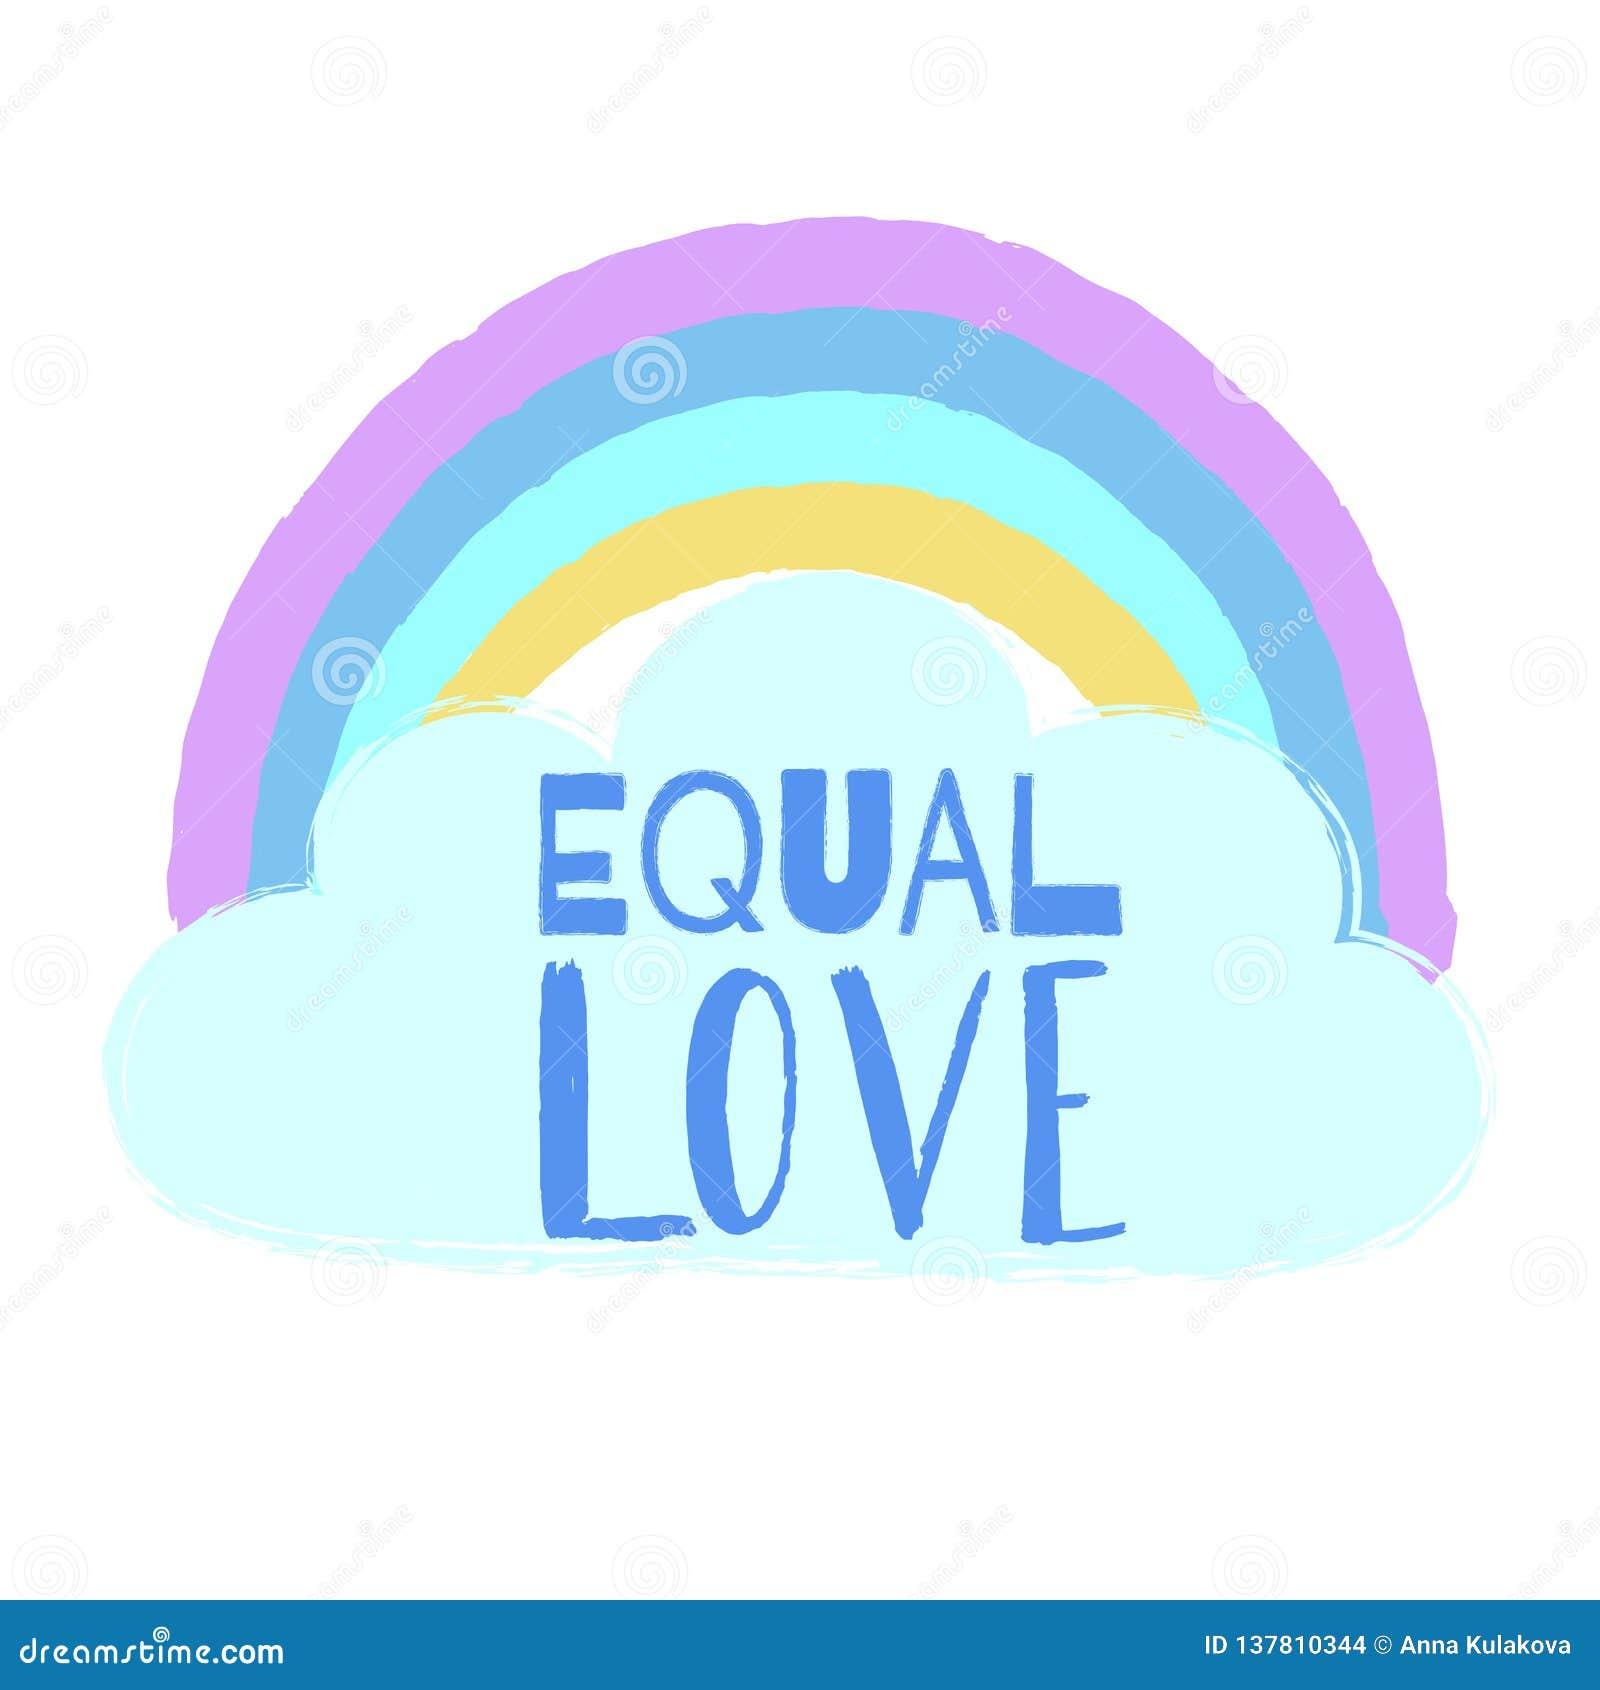 手拉的彩虹、云彩和文本相等的爱 激动人心的同性恋自豪日海报,同性恋象征 LGBT纠正概念